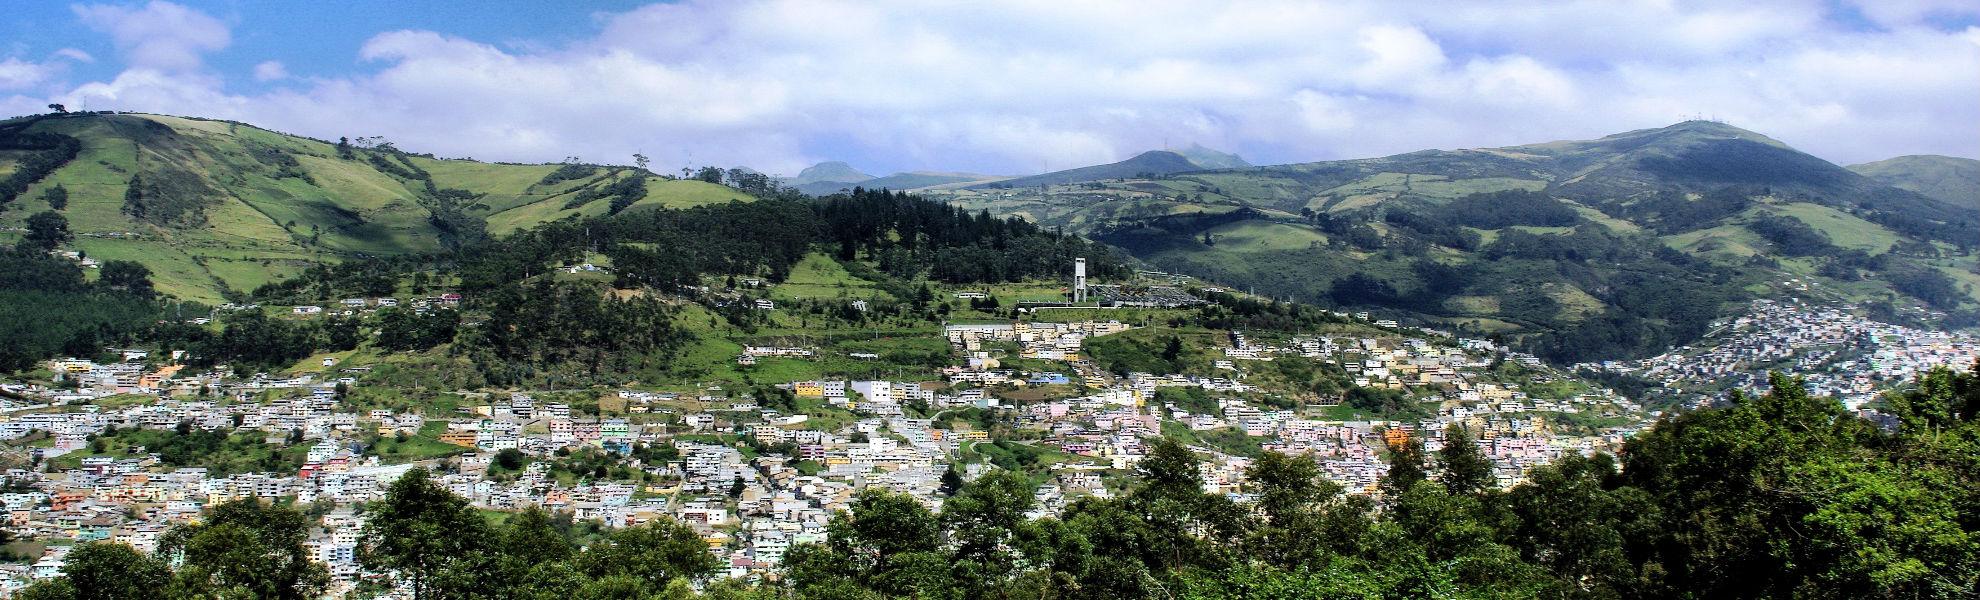 Gruppenreise Galapagos Ecuador Quito Reisekontor Schmidt